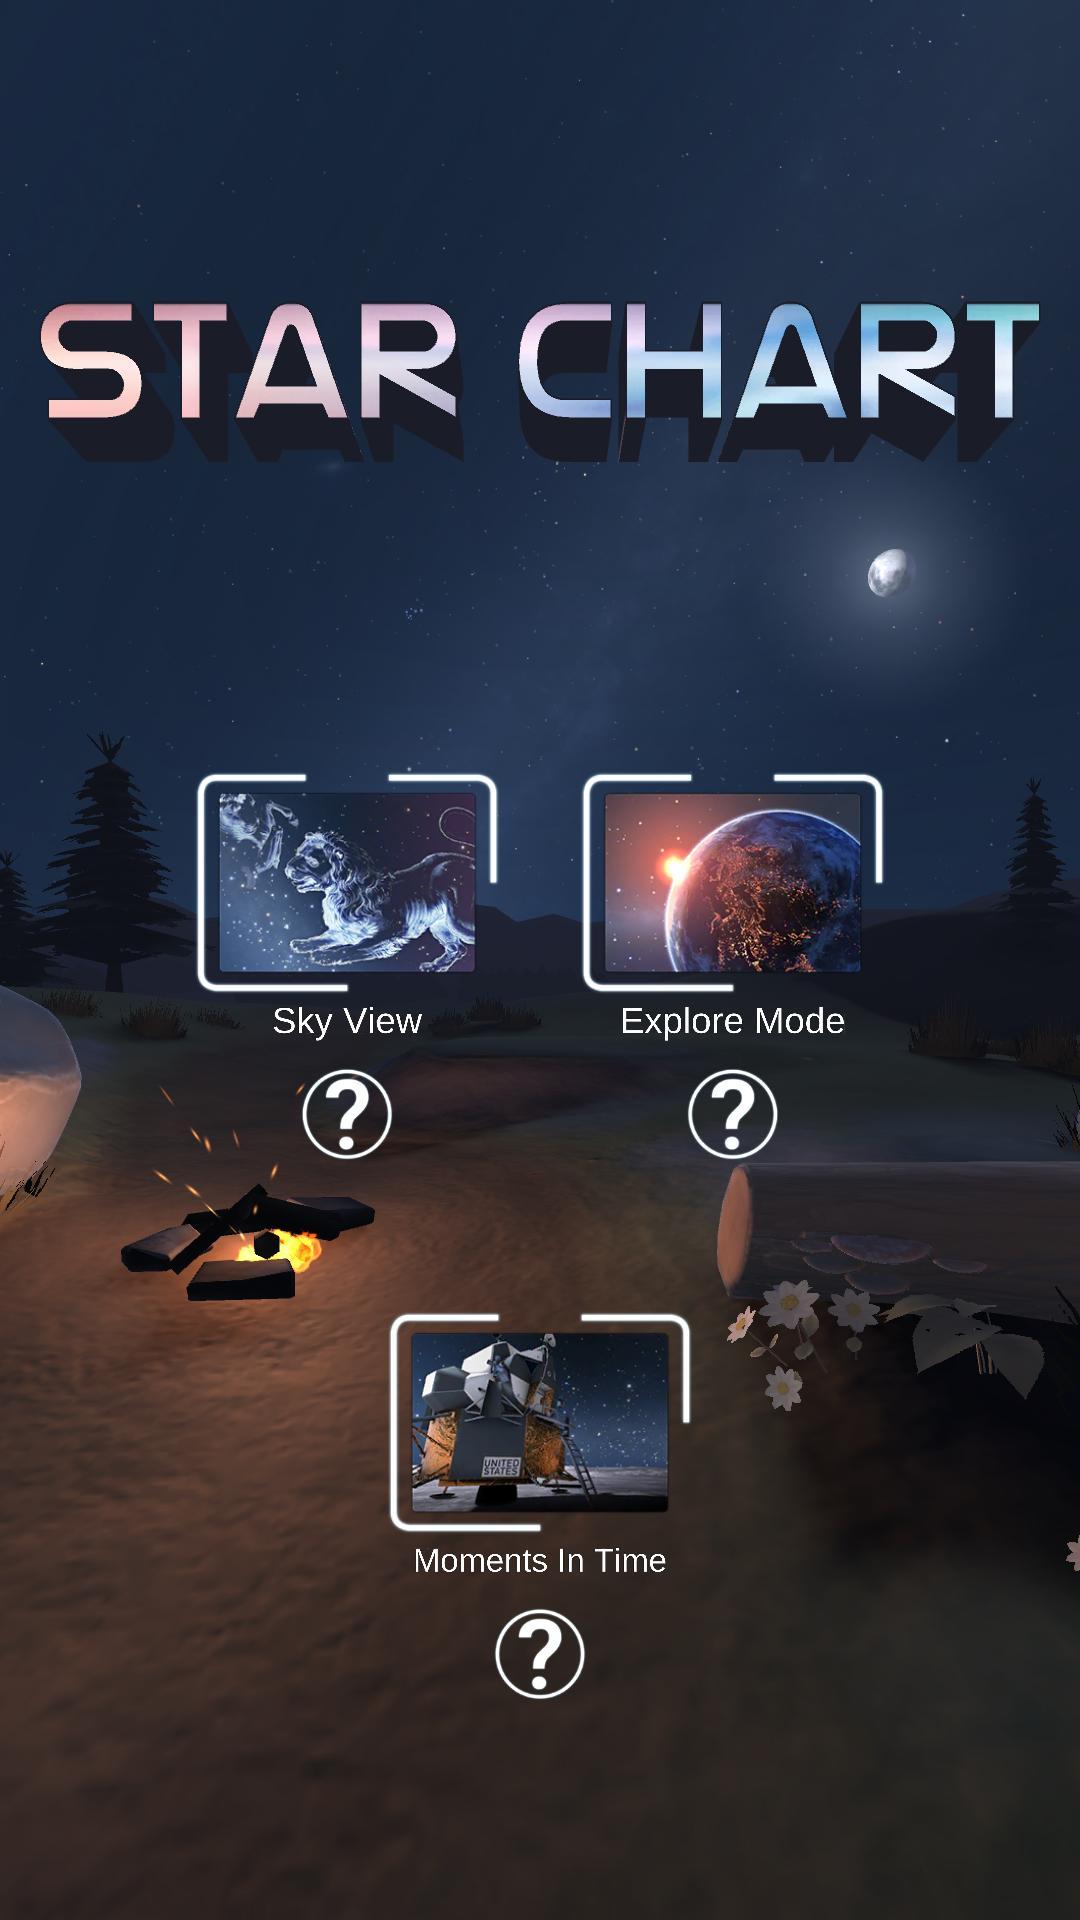 Star Chart 4.2.2 Screenshot 1